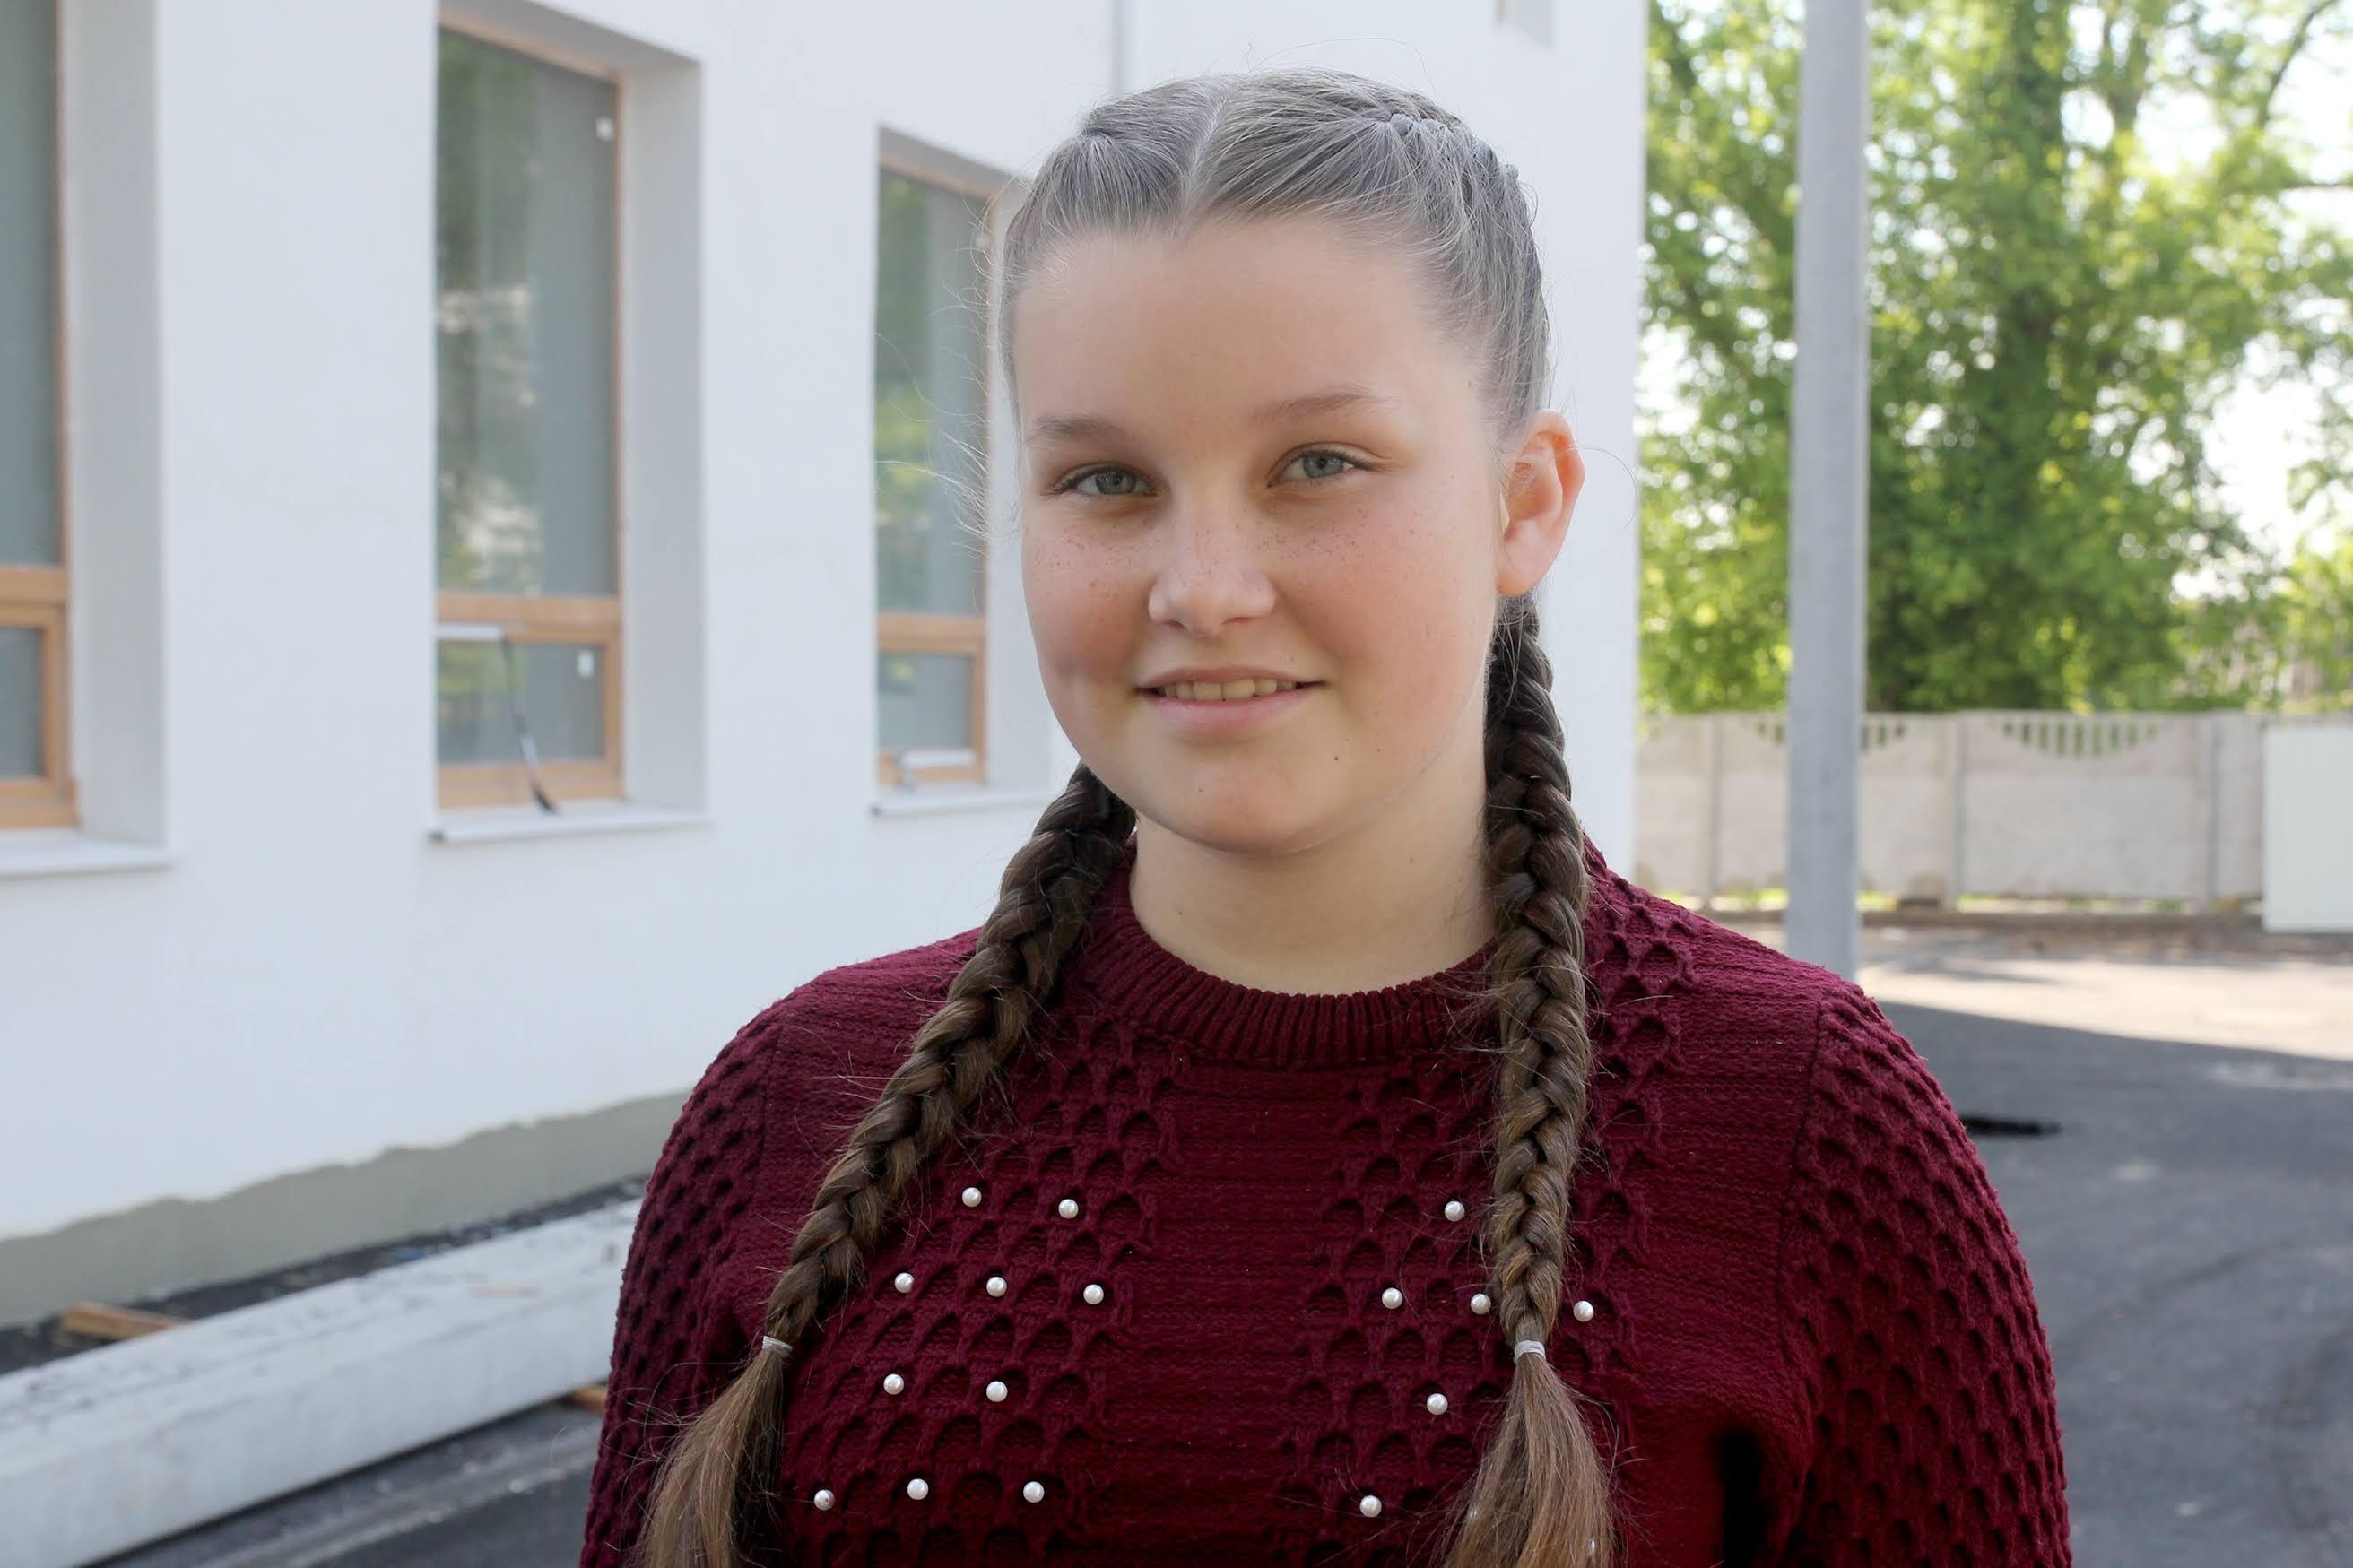 «Наша школа так змінюється, що подих перехоплює. Думаю, бажання ходити до неї буде ще сильнішим», – розказала Олена Манилова.